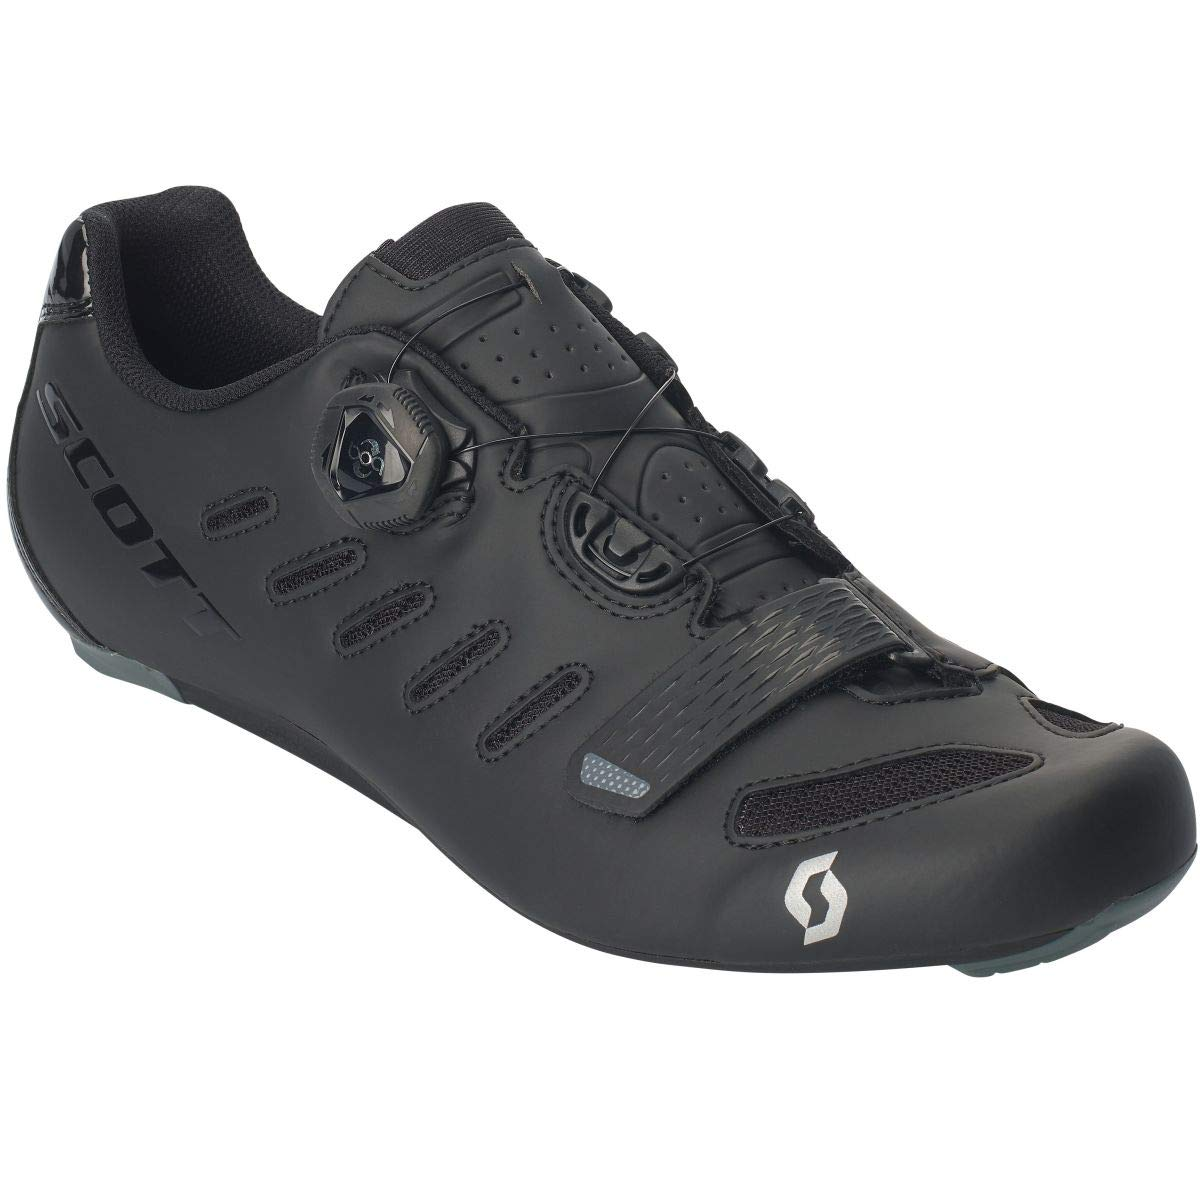 Scott Road Team Boa 2019 Road Bike Shoes Black